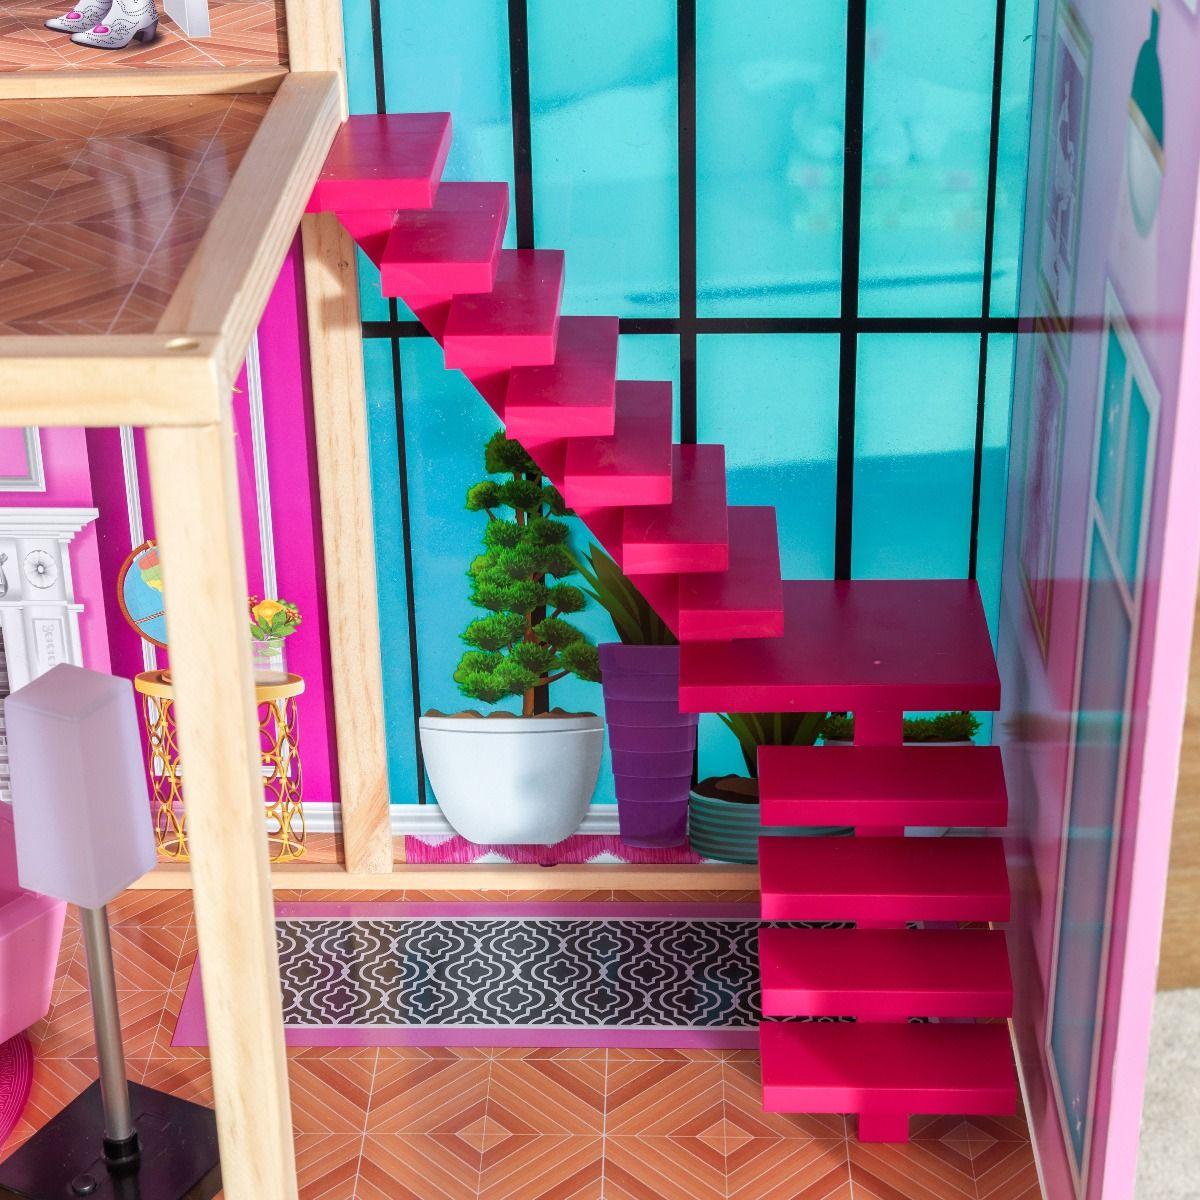 Kidkraft дървена къща за кукли- Самър- детски играчки за момичета(4)Kidkraft дървена къща за кукли- Самър- детски играчки за момичета(5)-bellamiestore